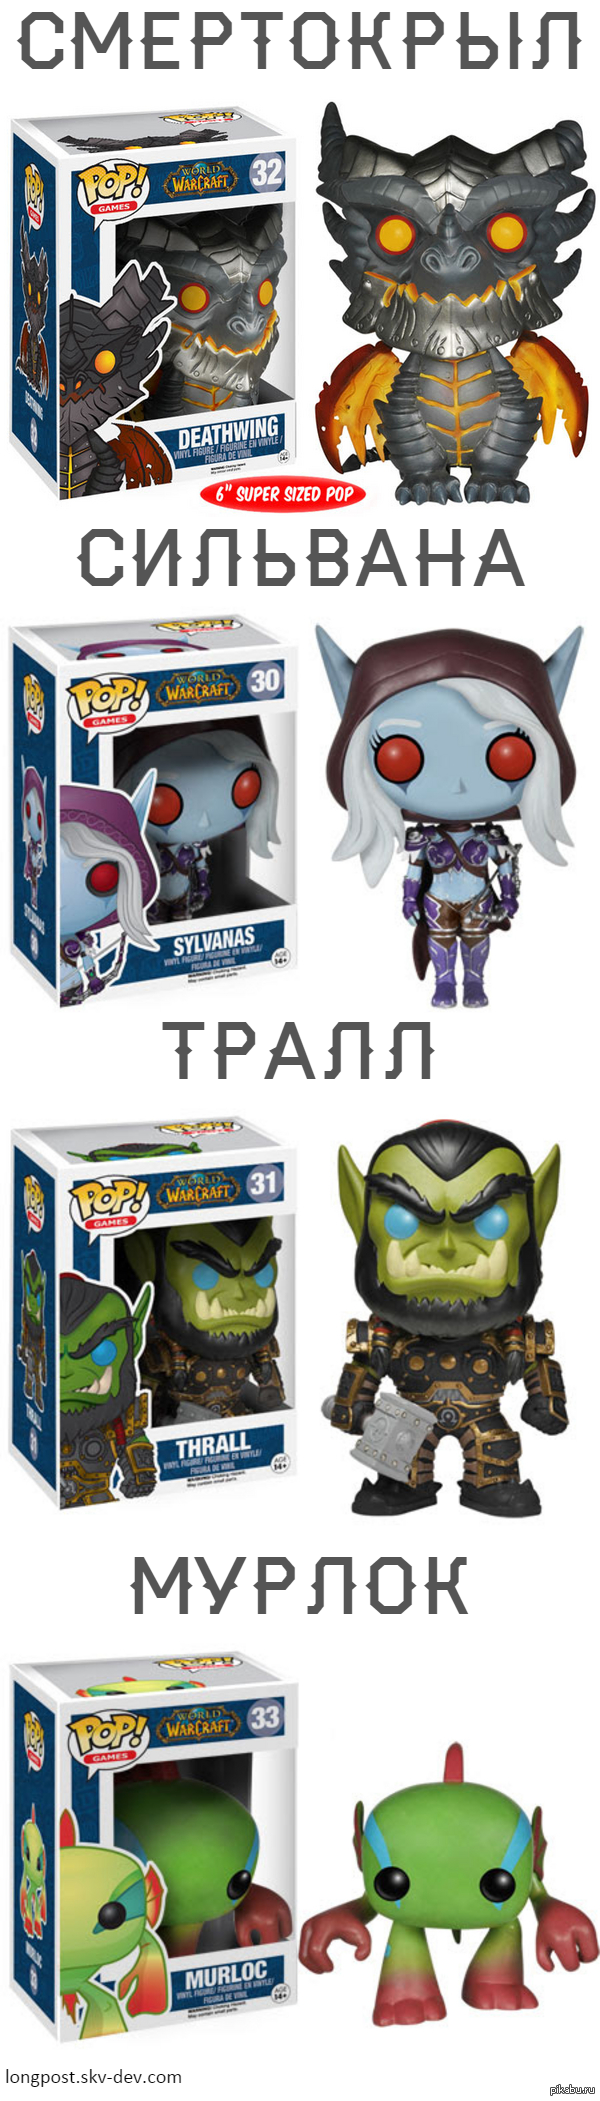 Новая серия няшных игрушек по вселенной World of Warcraft У вас будет возможность заполучить своего собственного Тралла, Сильвану и мурлока. И если вы хотите фигурку побольше, можно будет купить Смертокрыла.